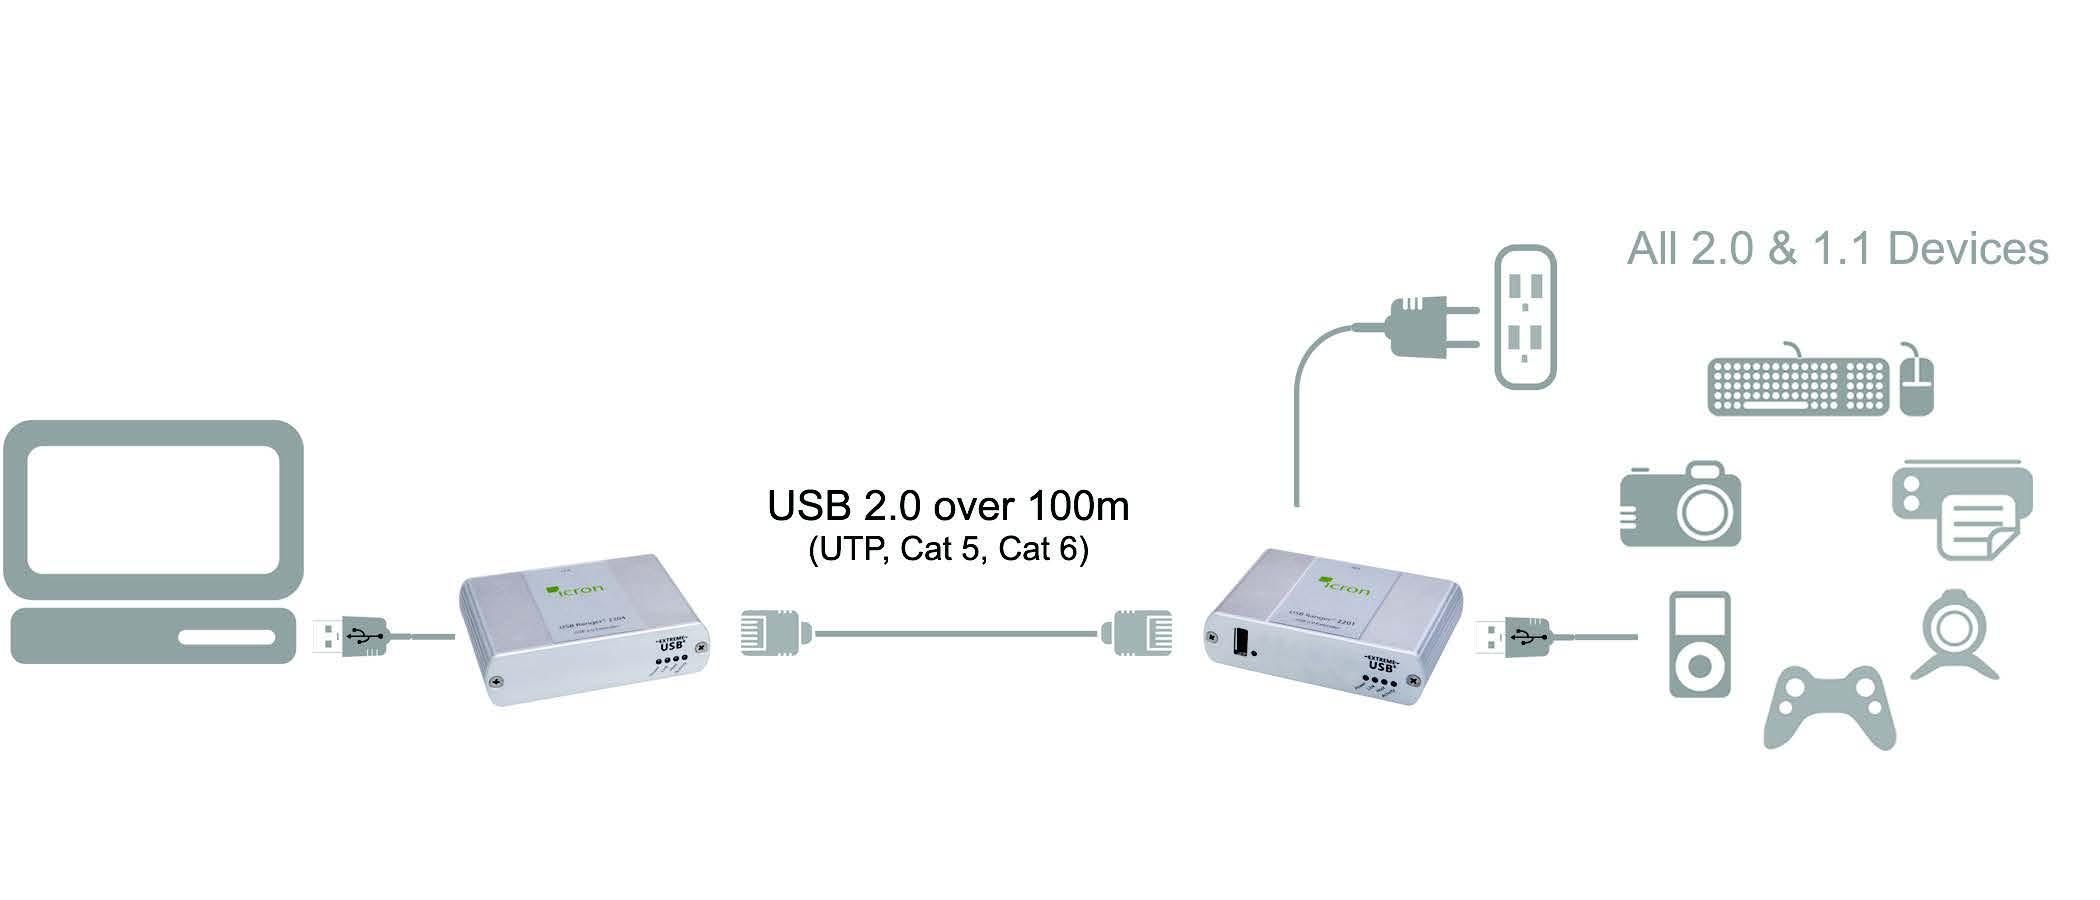 usb-2-0-ranger-2201-datasheet1.jpg